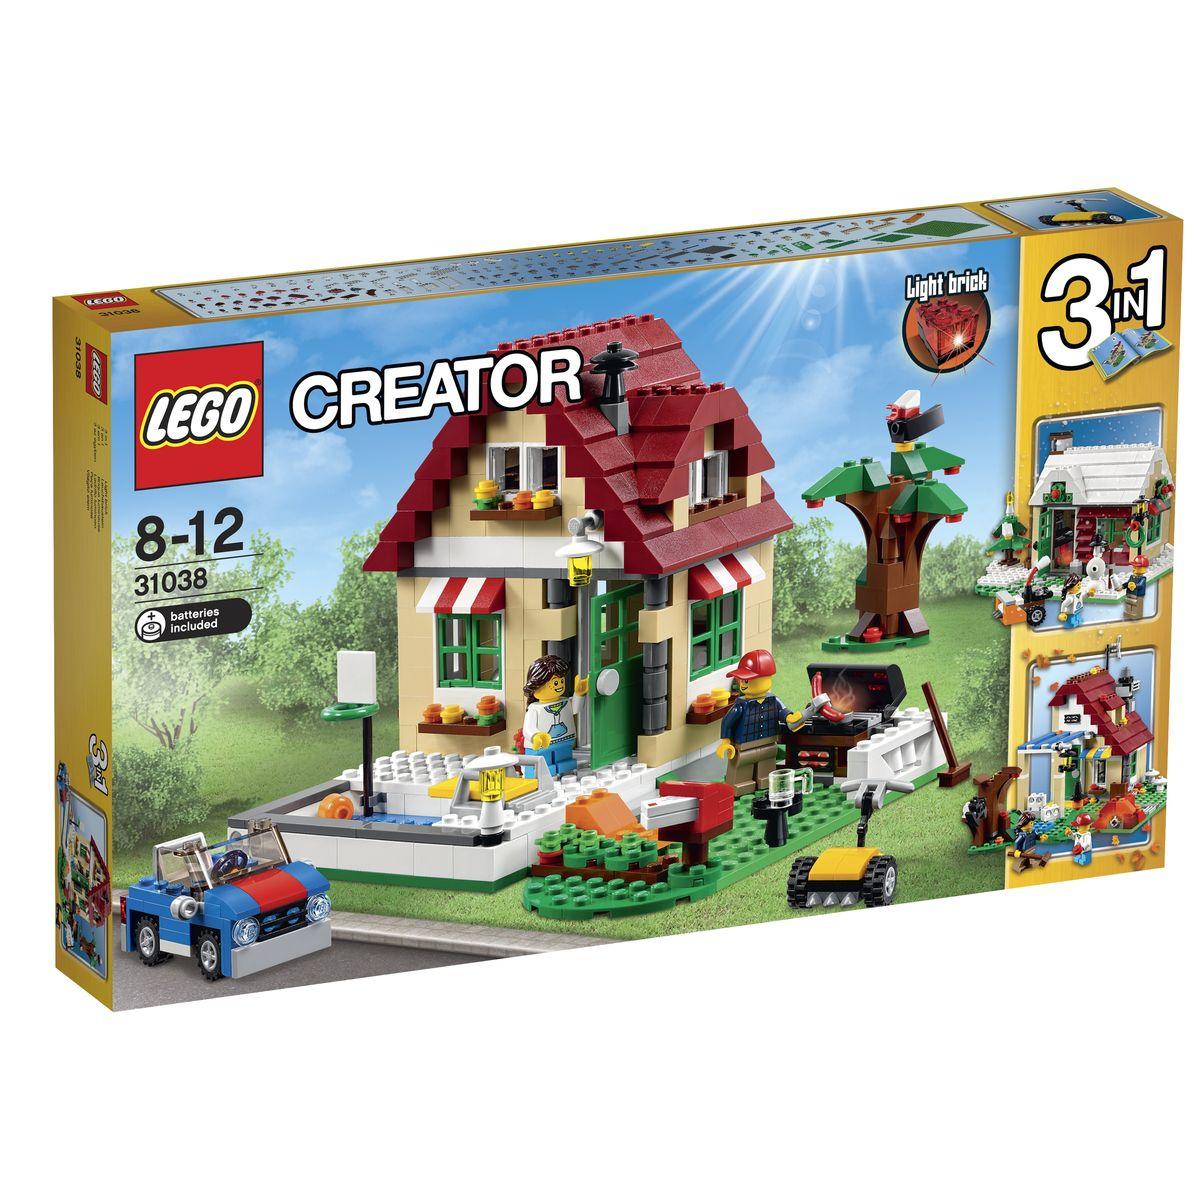 LEGO Creator Конструктор Времена года 3103831038Летний домик из набора LEGO 31038 представляет собой двухэтажную постройку с бежевыми стенами, зелеными окошками, красной крышей и печной трубой. Конструкция дома распашная, что позволяет детально рассмотреть интерьер. Внутри вы найдете стол с лампой, стул, софу и лестницу. Перед домом организован просторный участок, разделённый на две зоны. Справа виден бассейн с трамплином и инвентарём для игры в водный баскетбол. Рядом с бассейном есть небольшая клумба и два фонаря, которые станут незаменимыми помощниками во время вечерних прогулок. Слева от дома располагается зона барбекю, отгороженная белой изгородью и небольшим кустарником. Здесь под раскидистым деревом установлен мангал, столик и шезлонг для отдыха. Также в наборе вы найдете светящийся кирпичик, который можно использовать в строительстве мангала или камина, 2 мини фигурки с аксессуарами и детали для создания почтового ящика, газонокосилки и спортивного кабриолета. При желании летний домик можно переделать в зимнее шале...